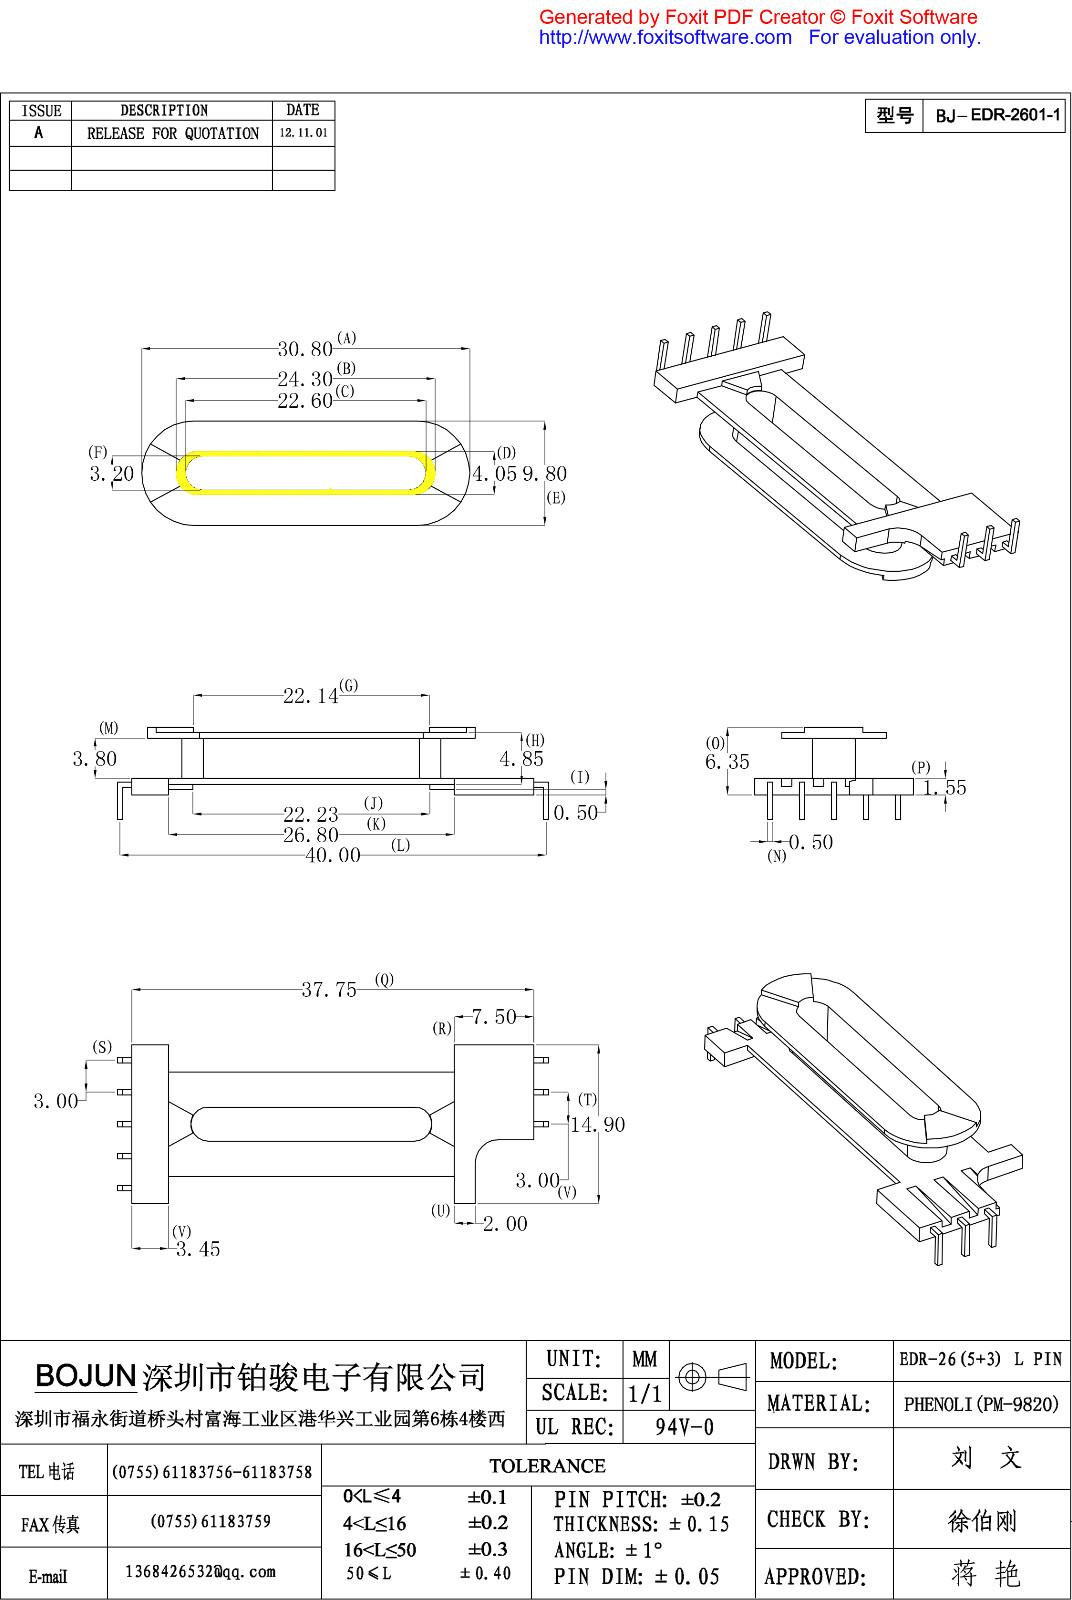 EDR-2601-1-L-PIN-Model-(1).jpg